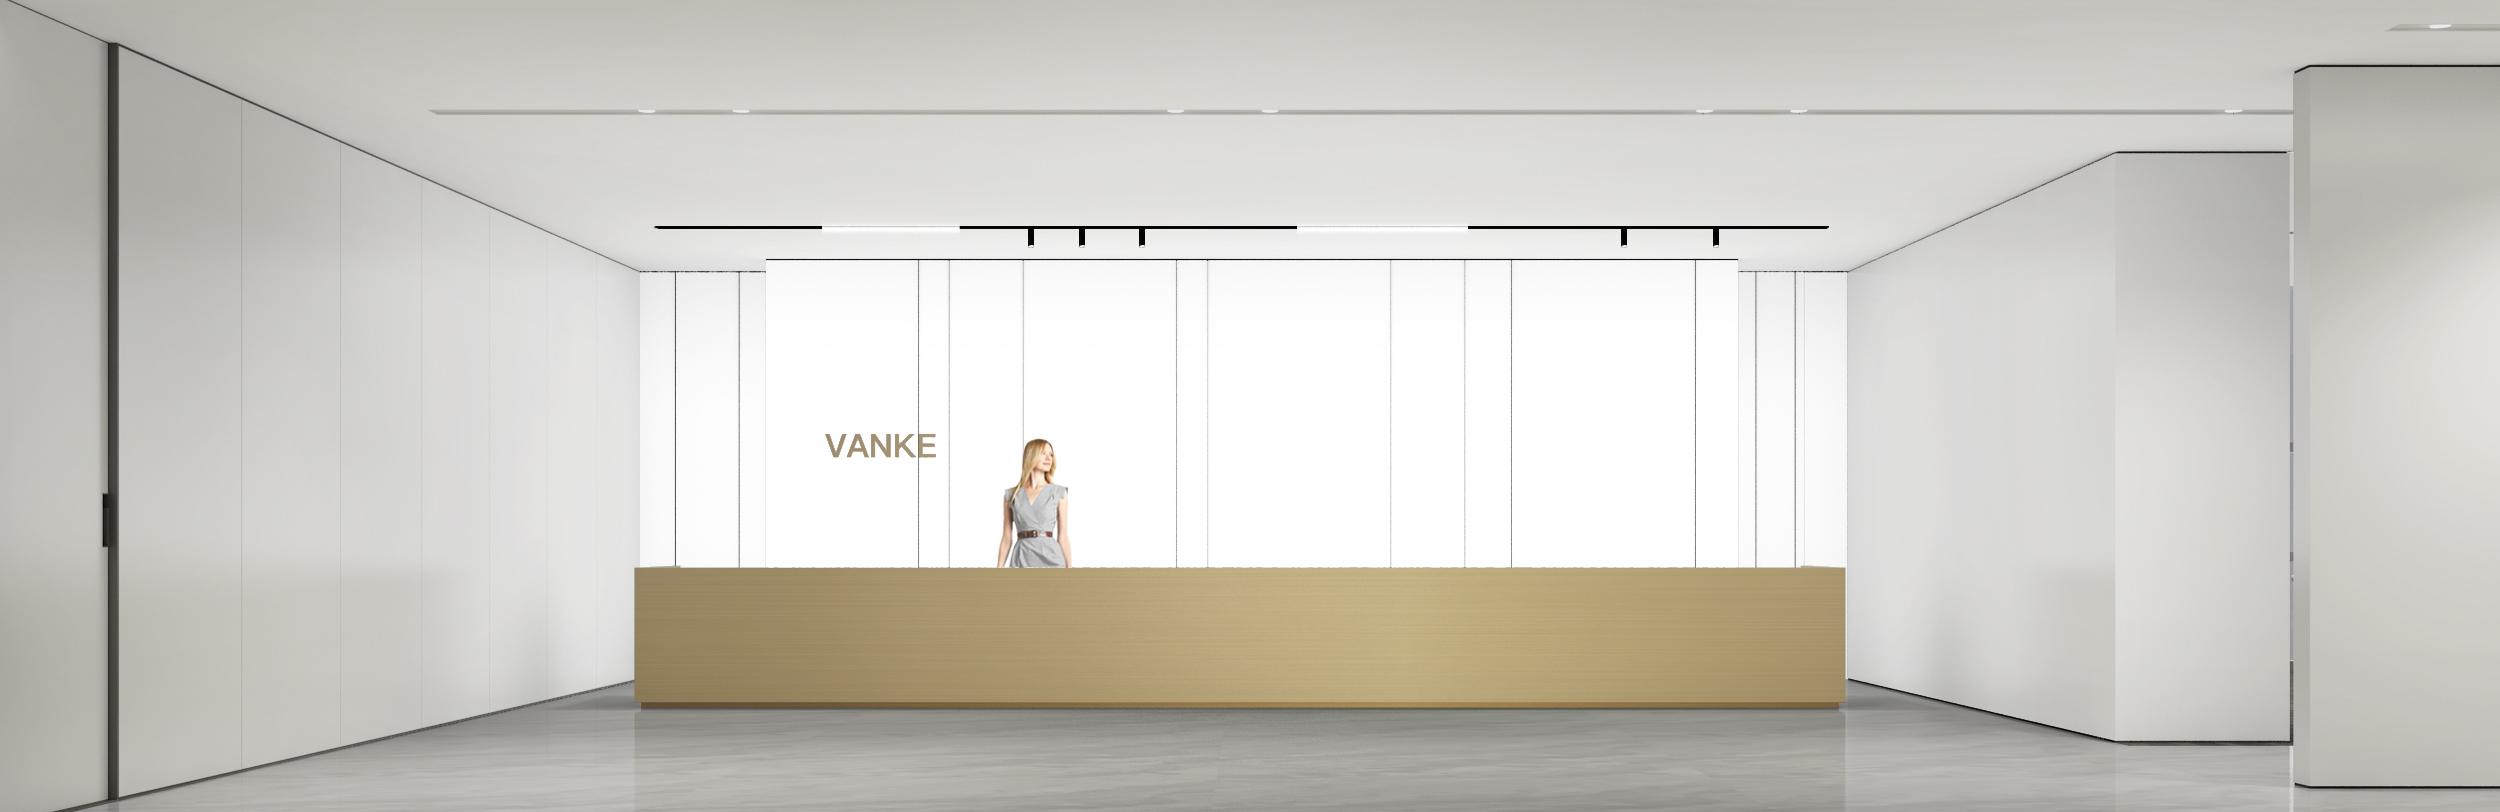 VANK Office Space 万科办公空间